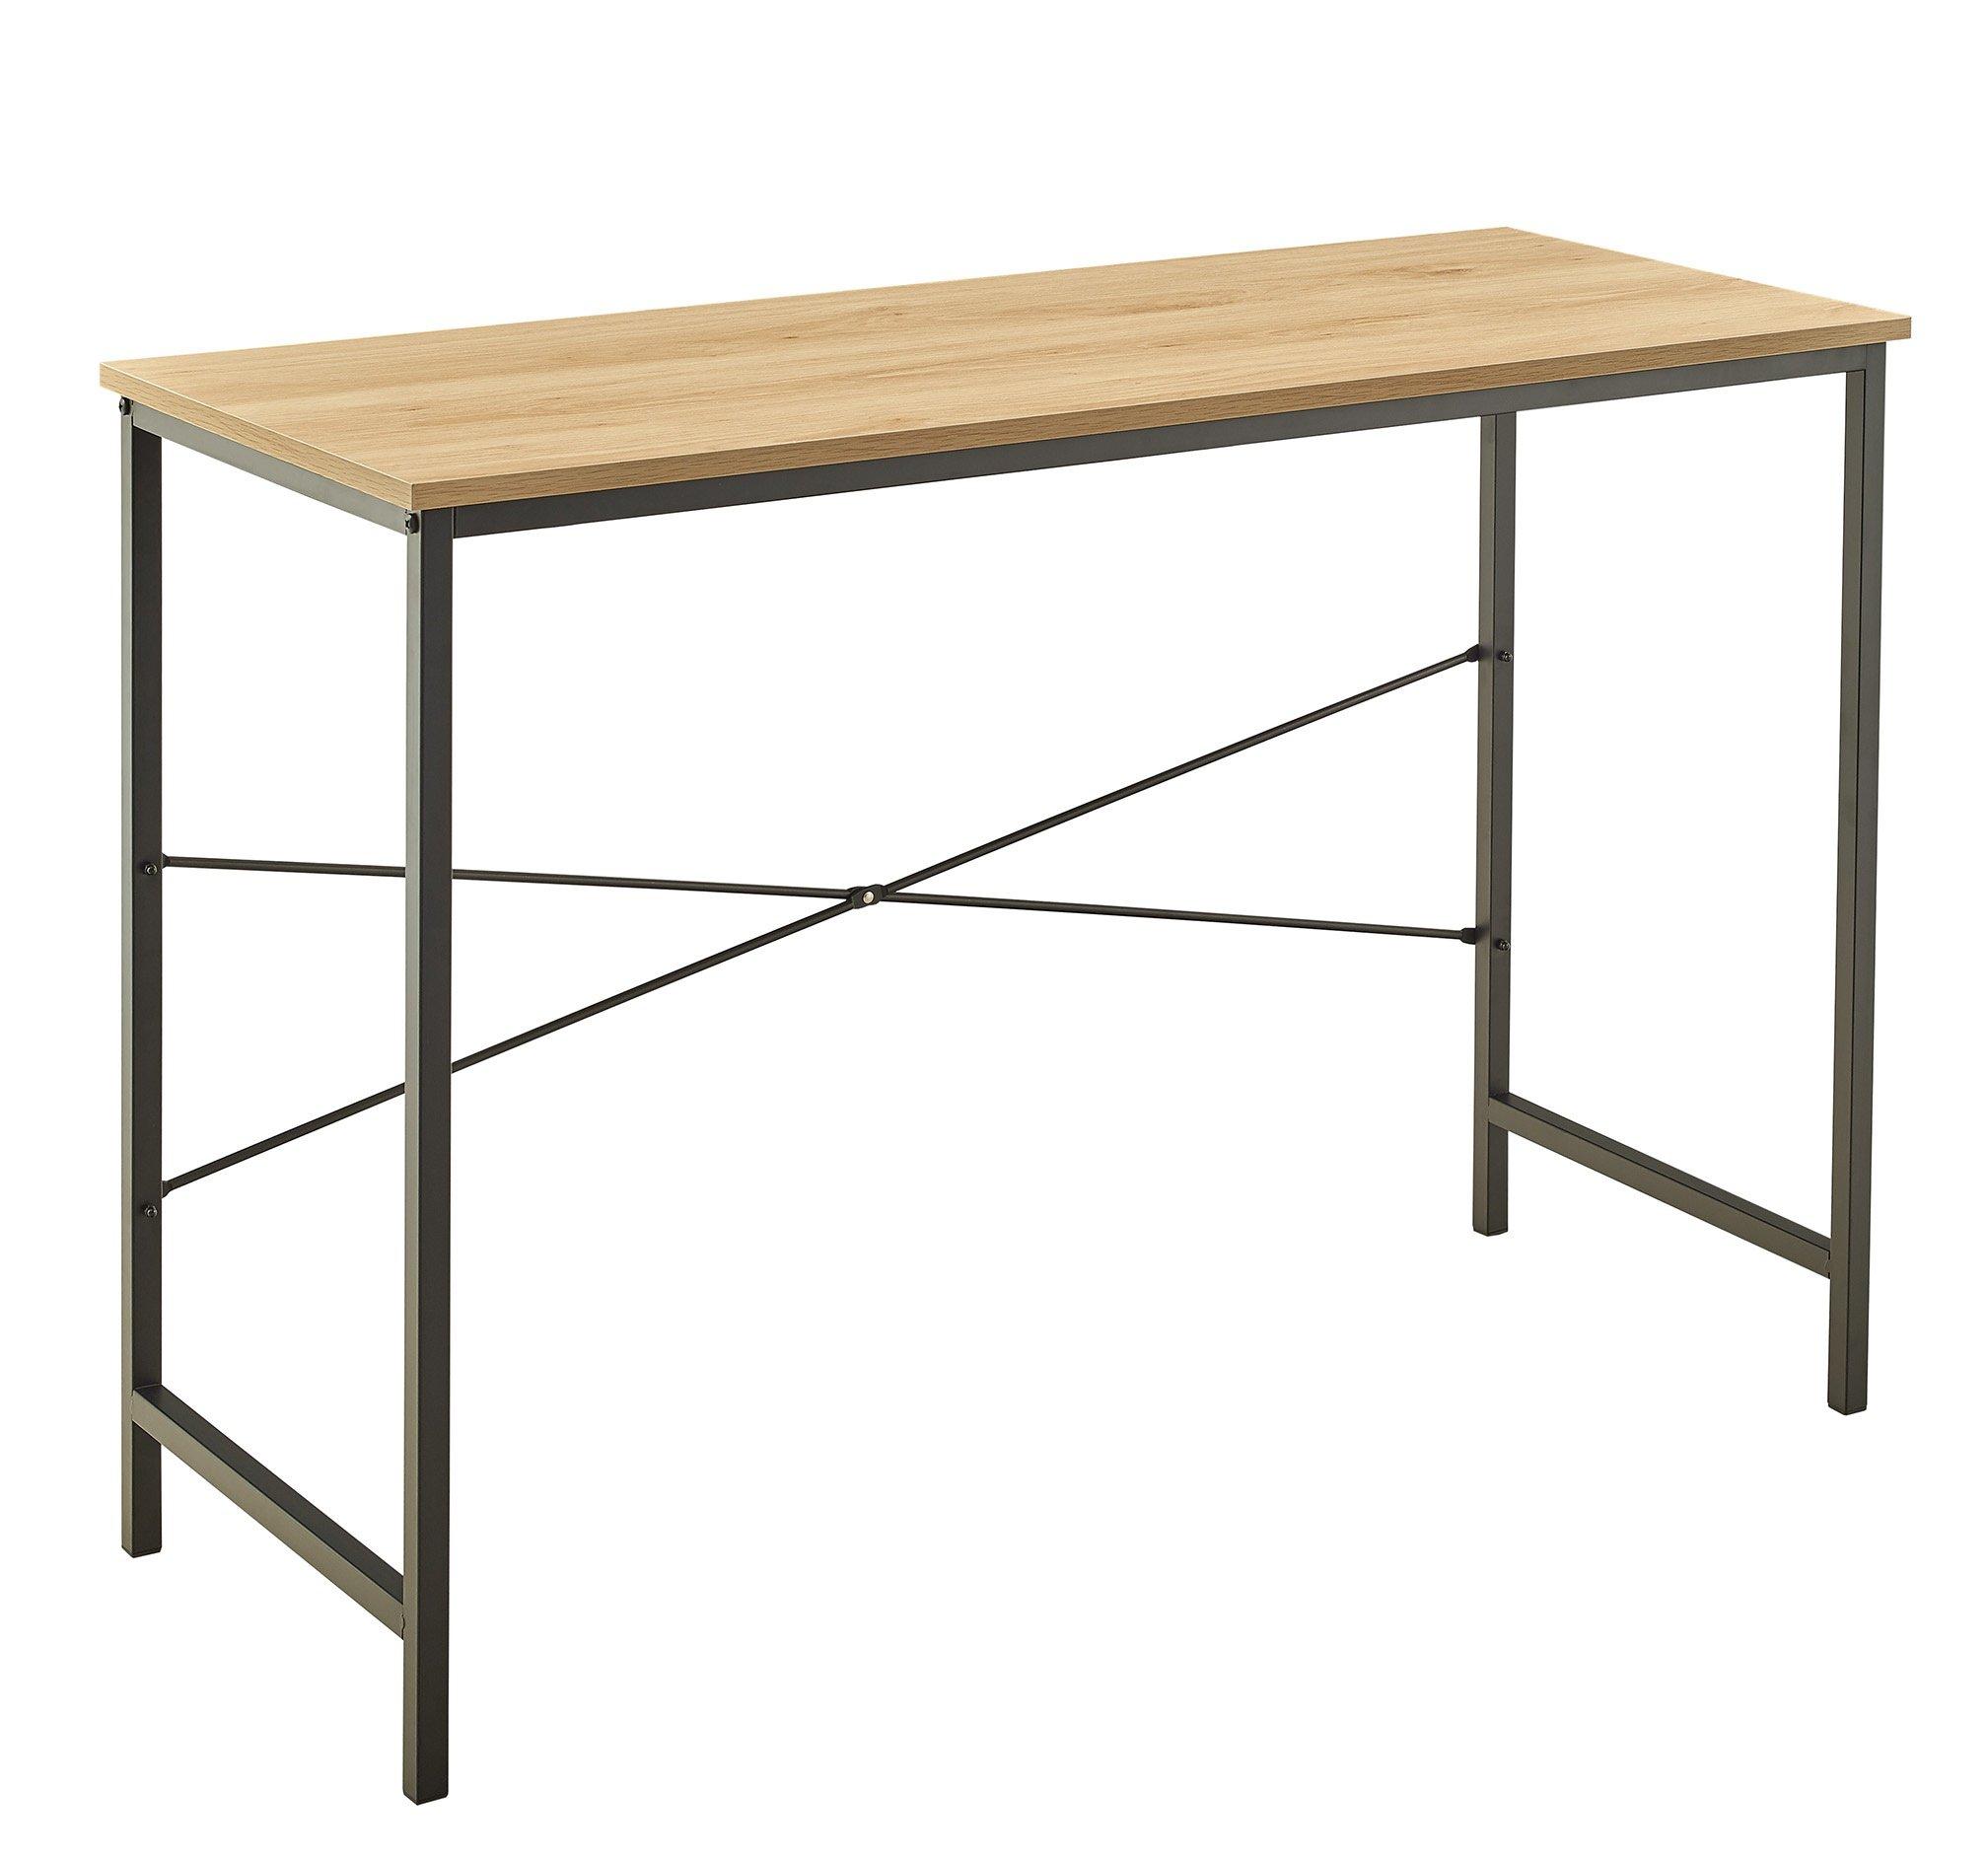 ClosetMaid 1313 Rectangular Wood Desk, Natural